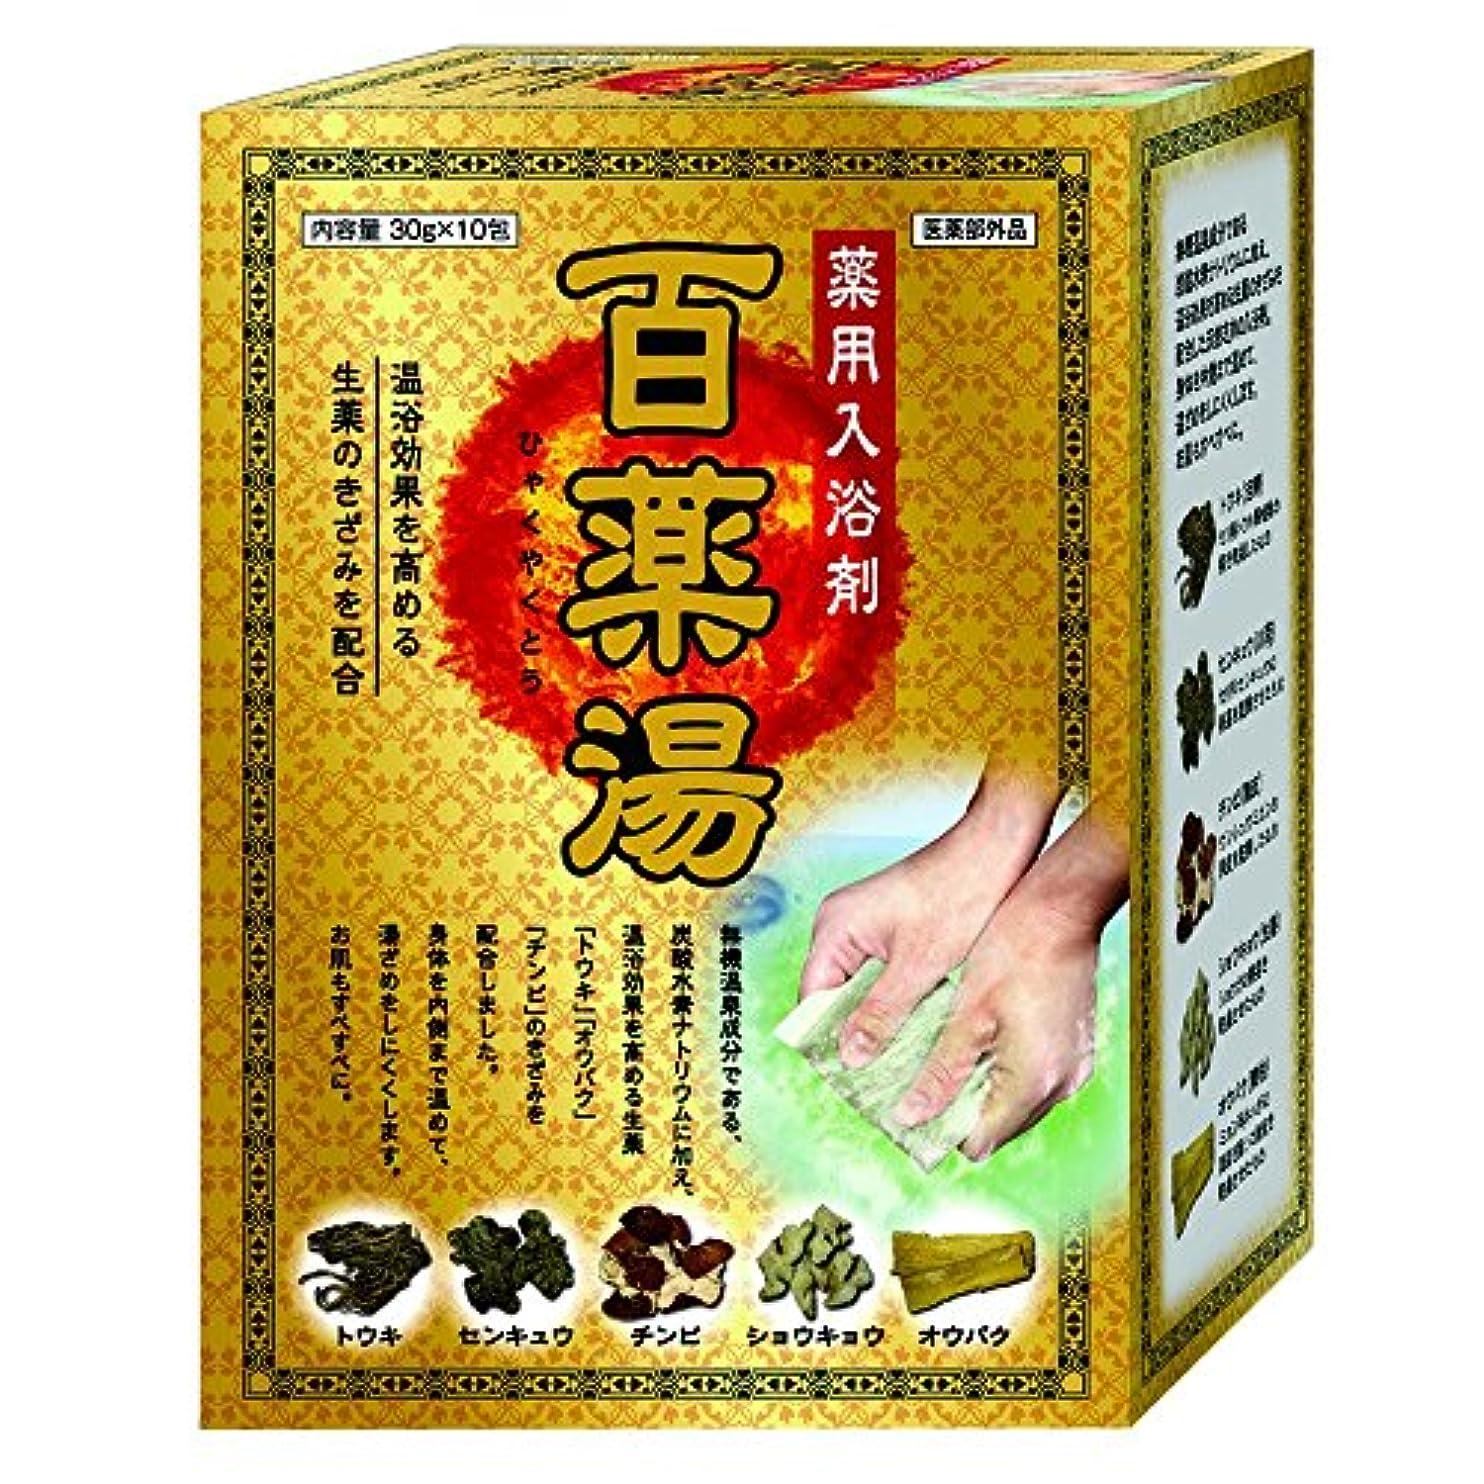 合併症料理コンピューターゲームをプレイする百薬湯 薬用入浴剤 温浴効果を高める生薬のきざみを配合 30g×10包 (医薬部外品)